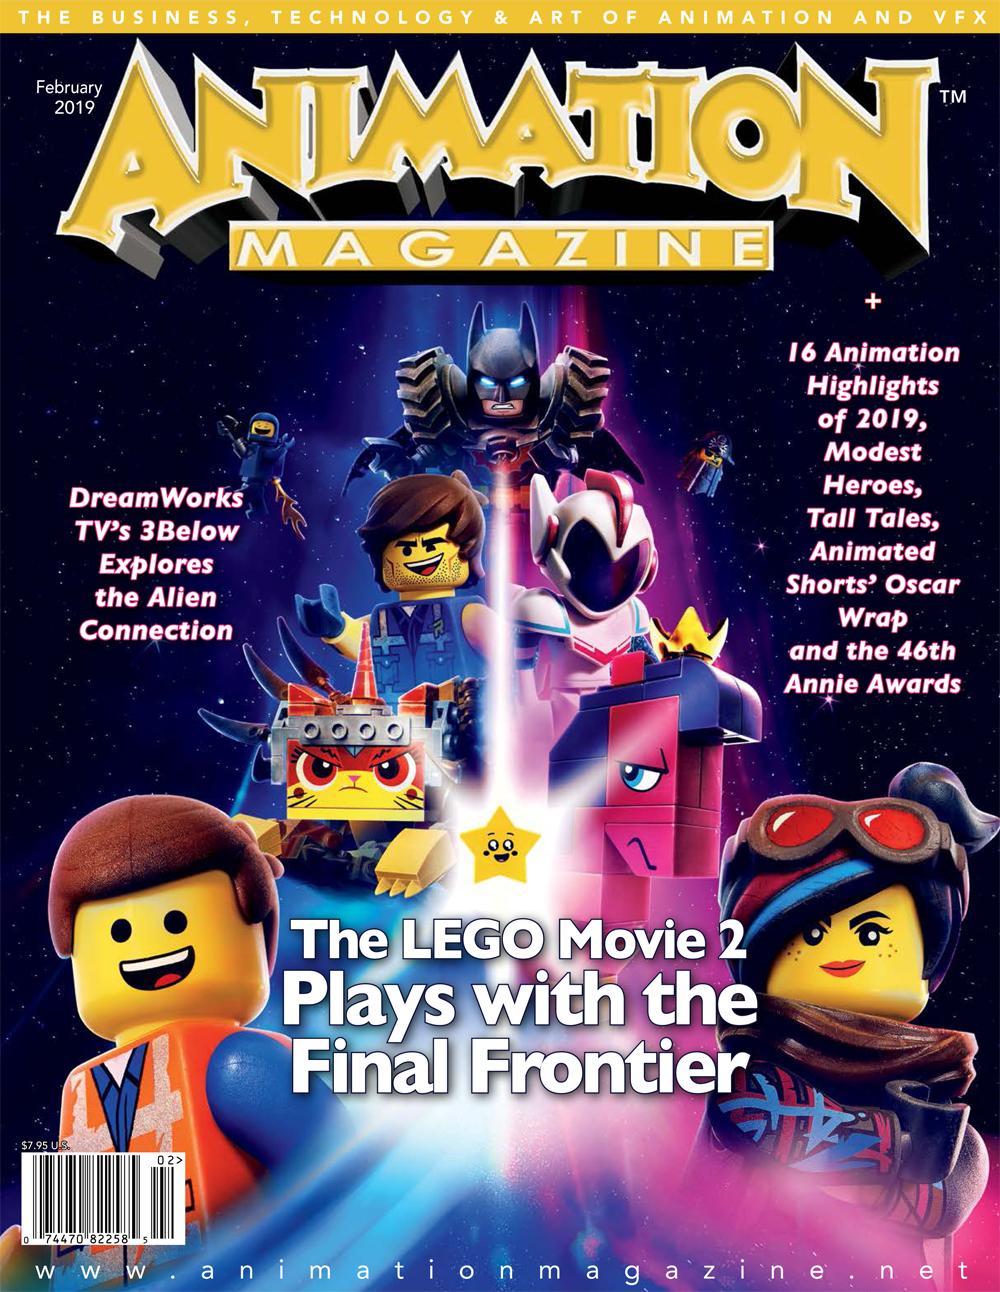 Animation Magazine - #287 February 2019